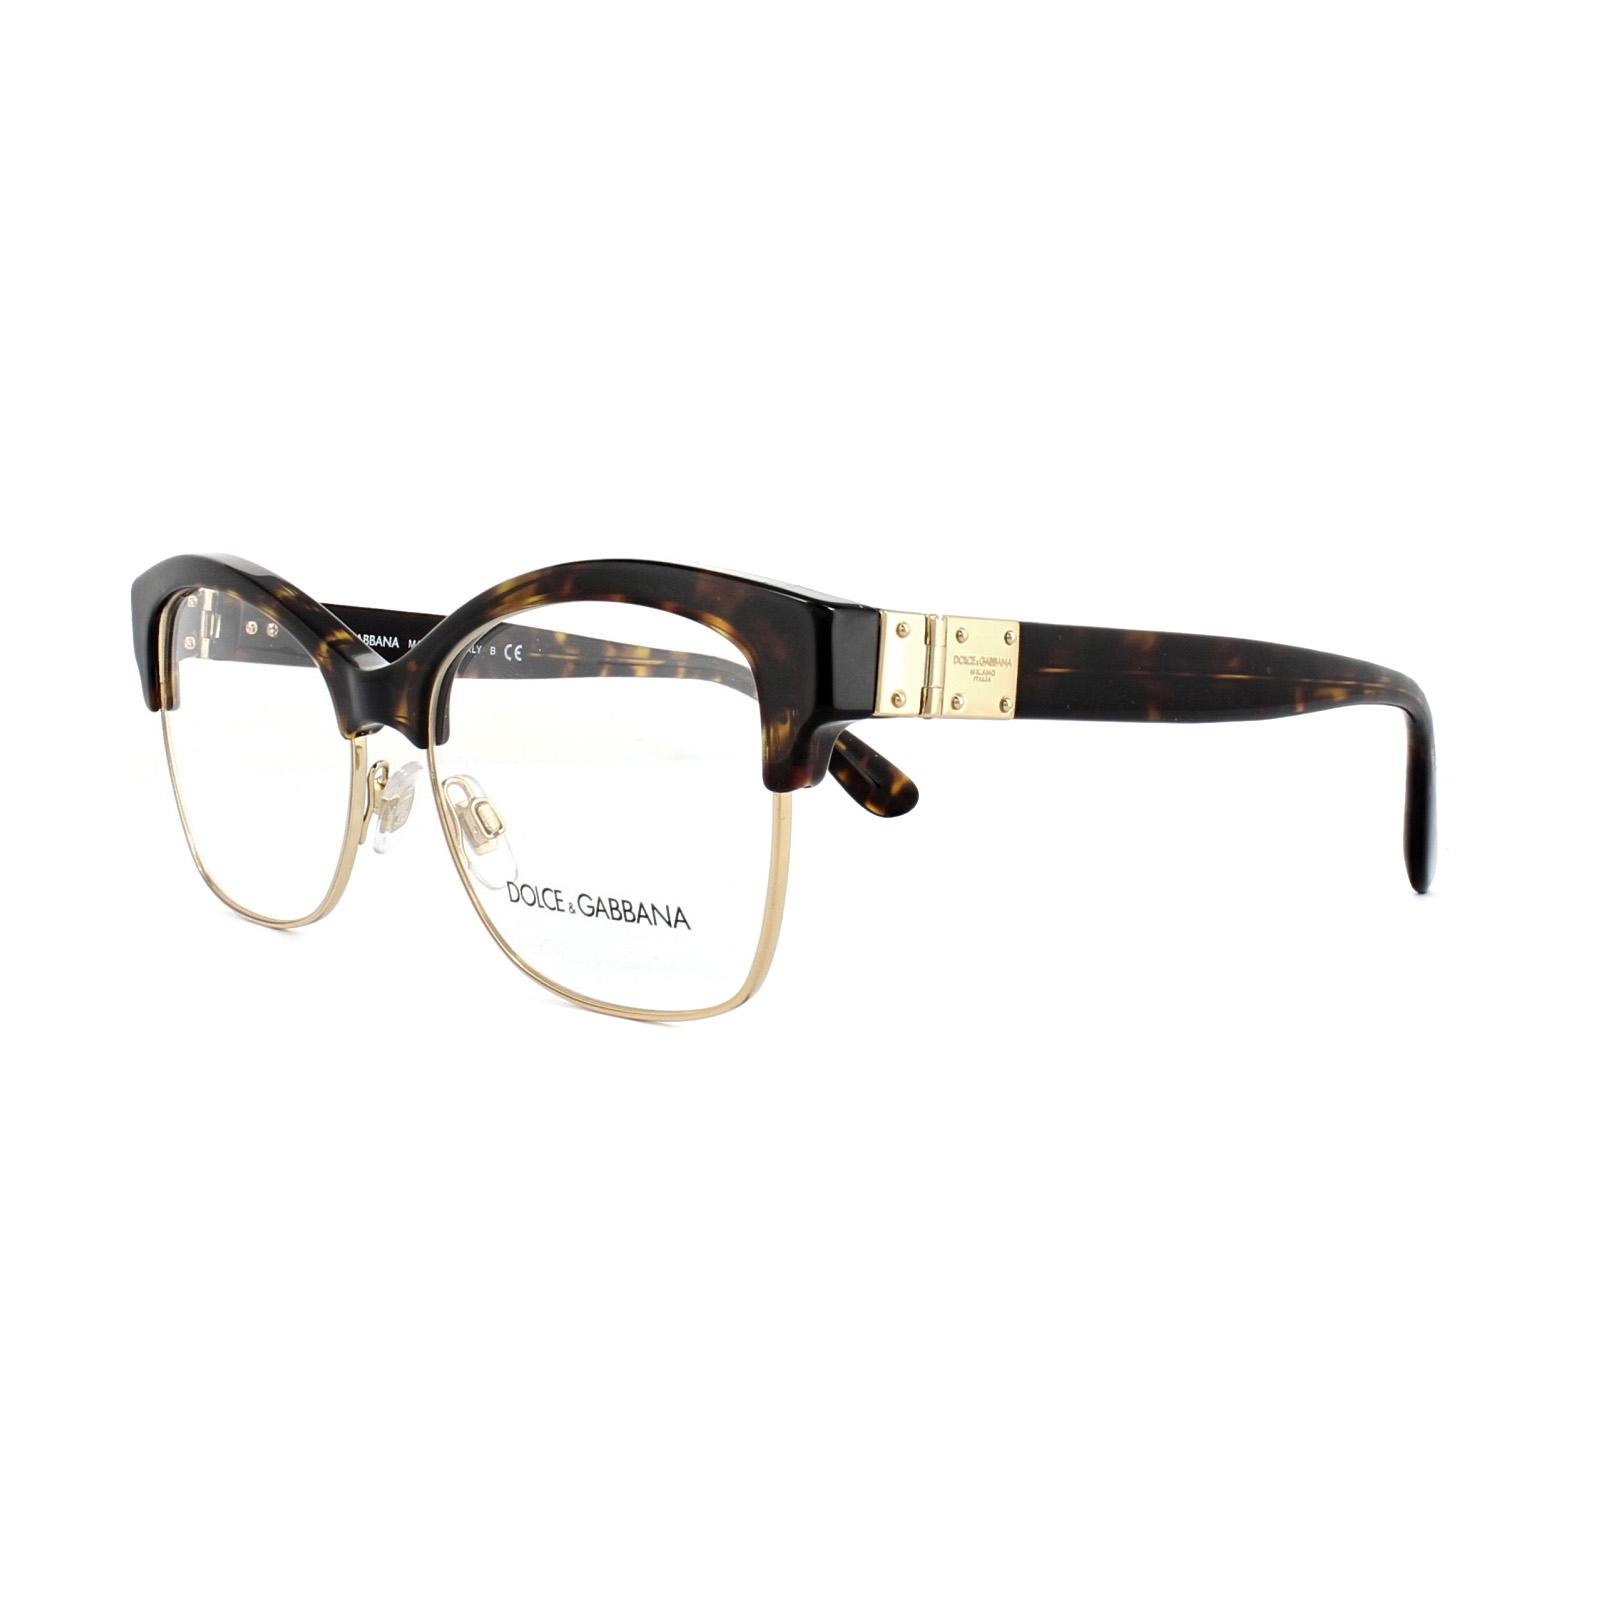 Dolce and Gabbana Glasses Frames DG 3272 502 Havana Womens 54mm ...